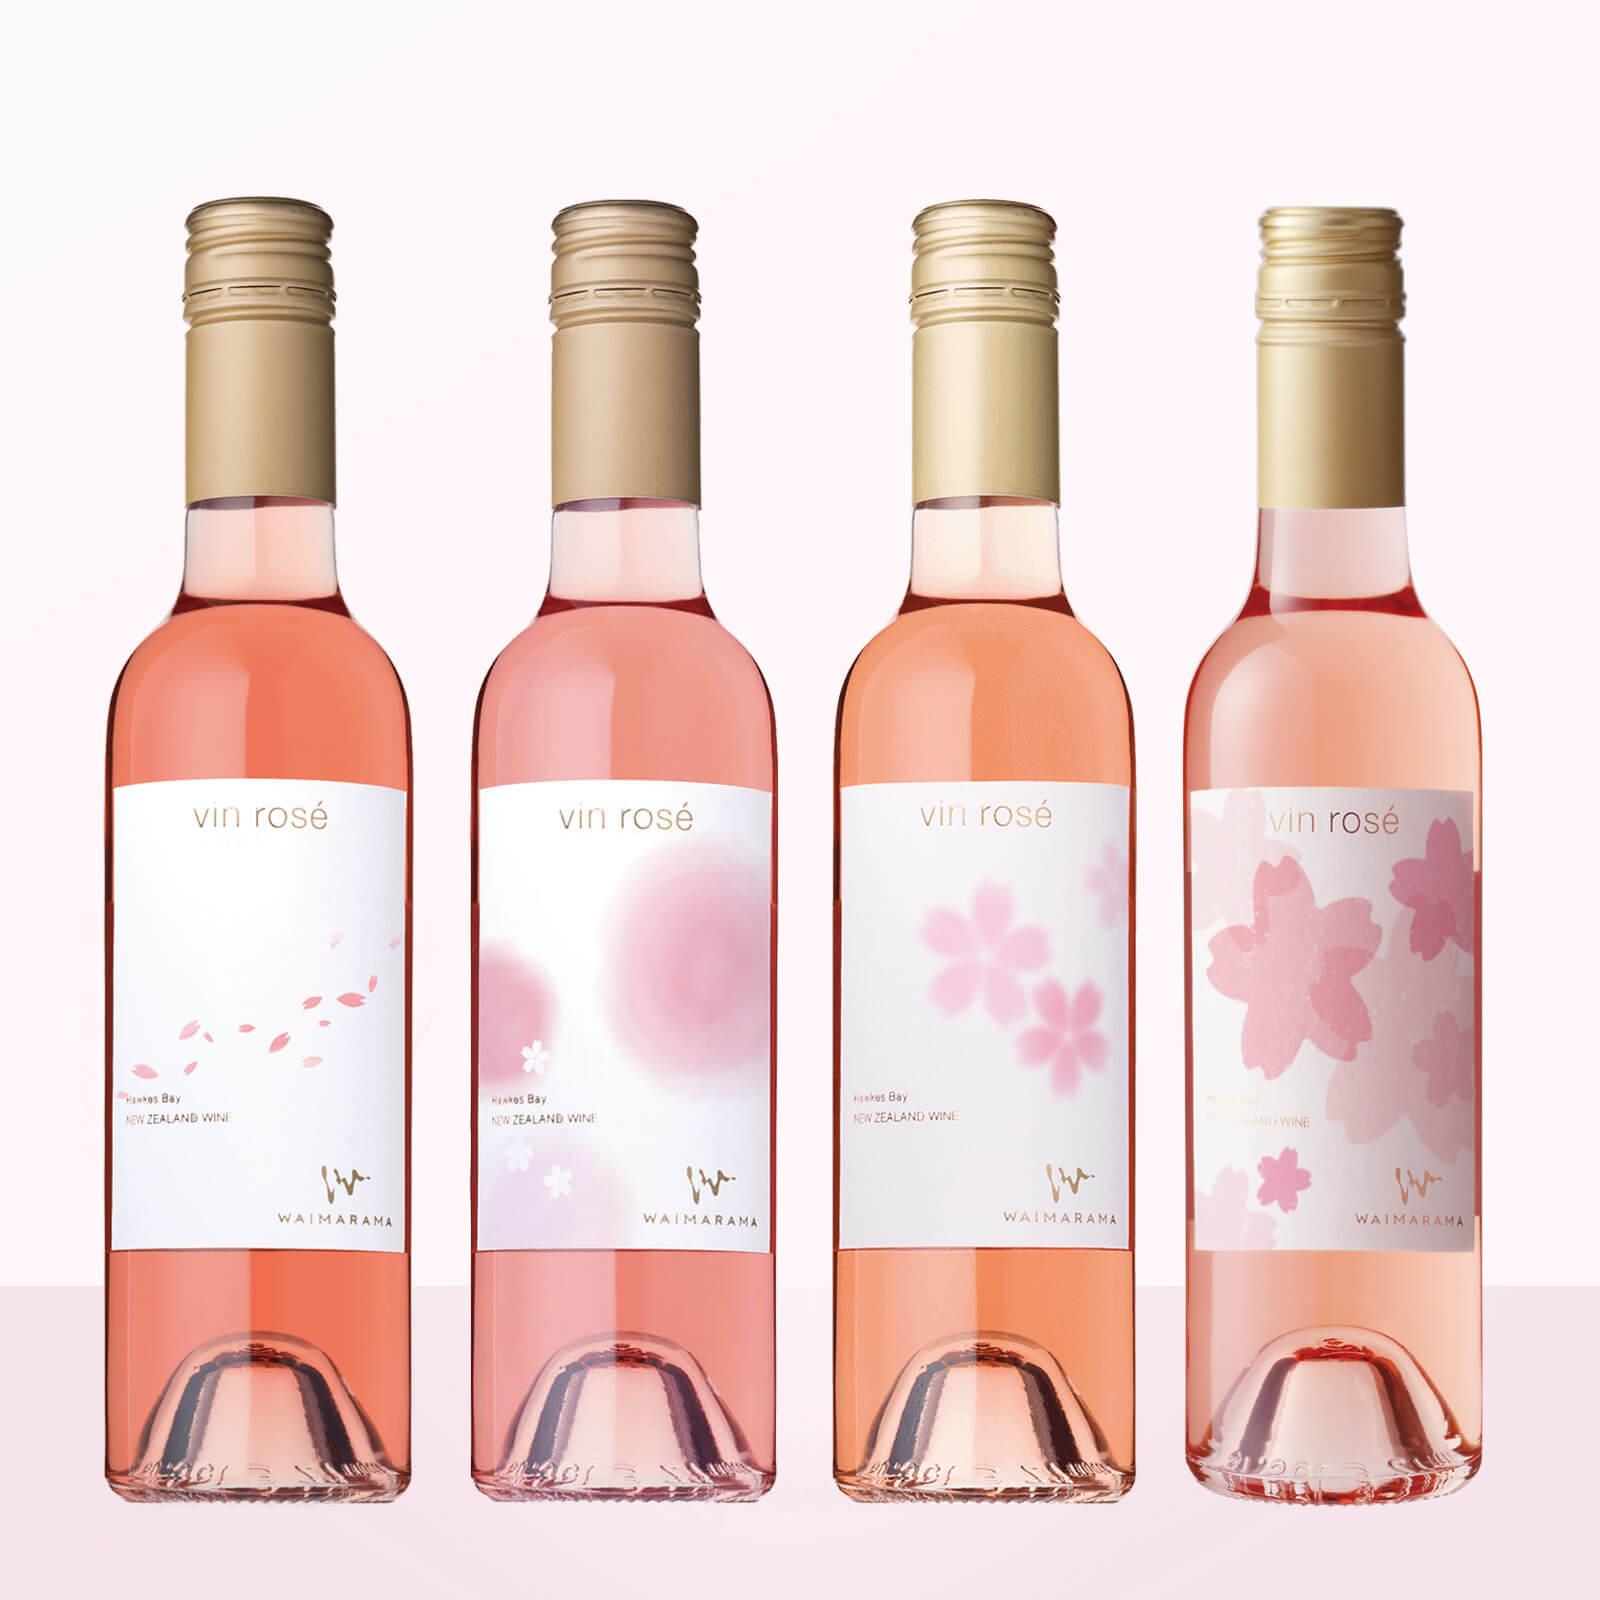 画像1: vin rose SAKURA 2017/2018/2019/2020 セット ハーフ375ml (1)